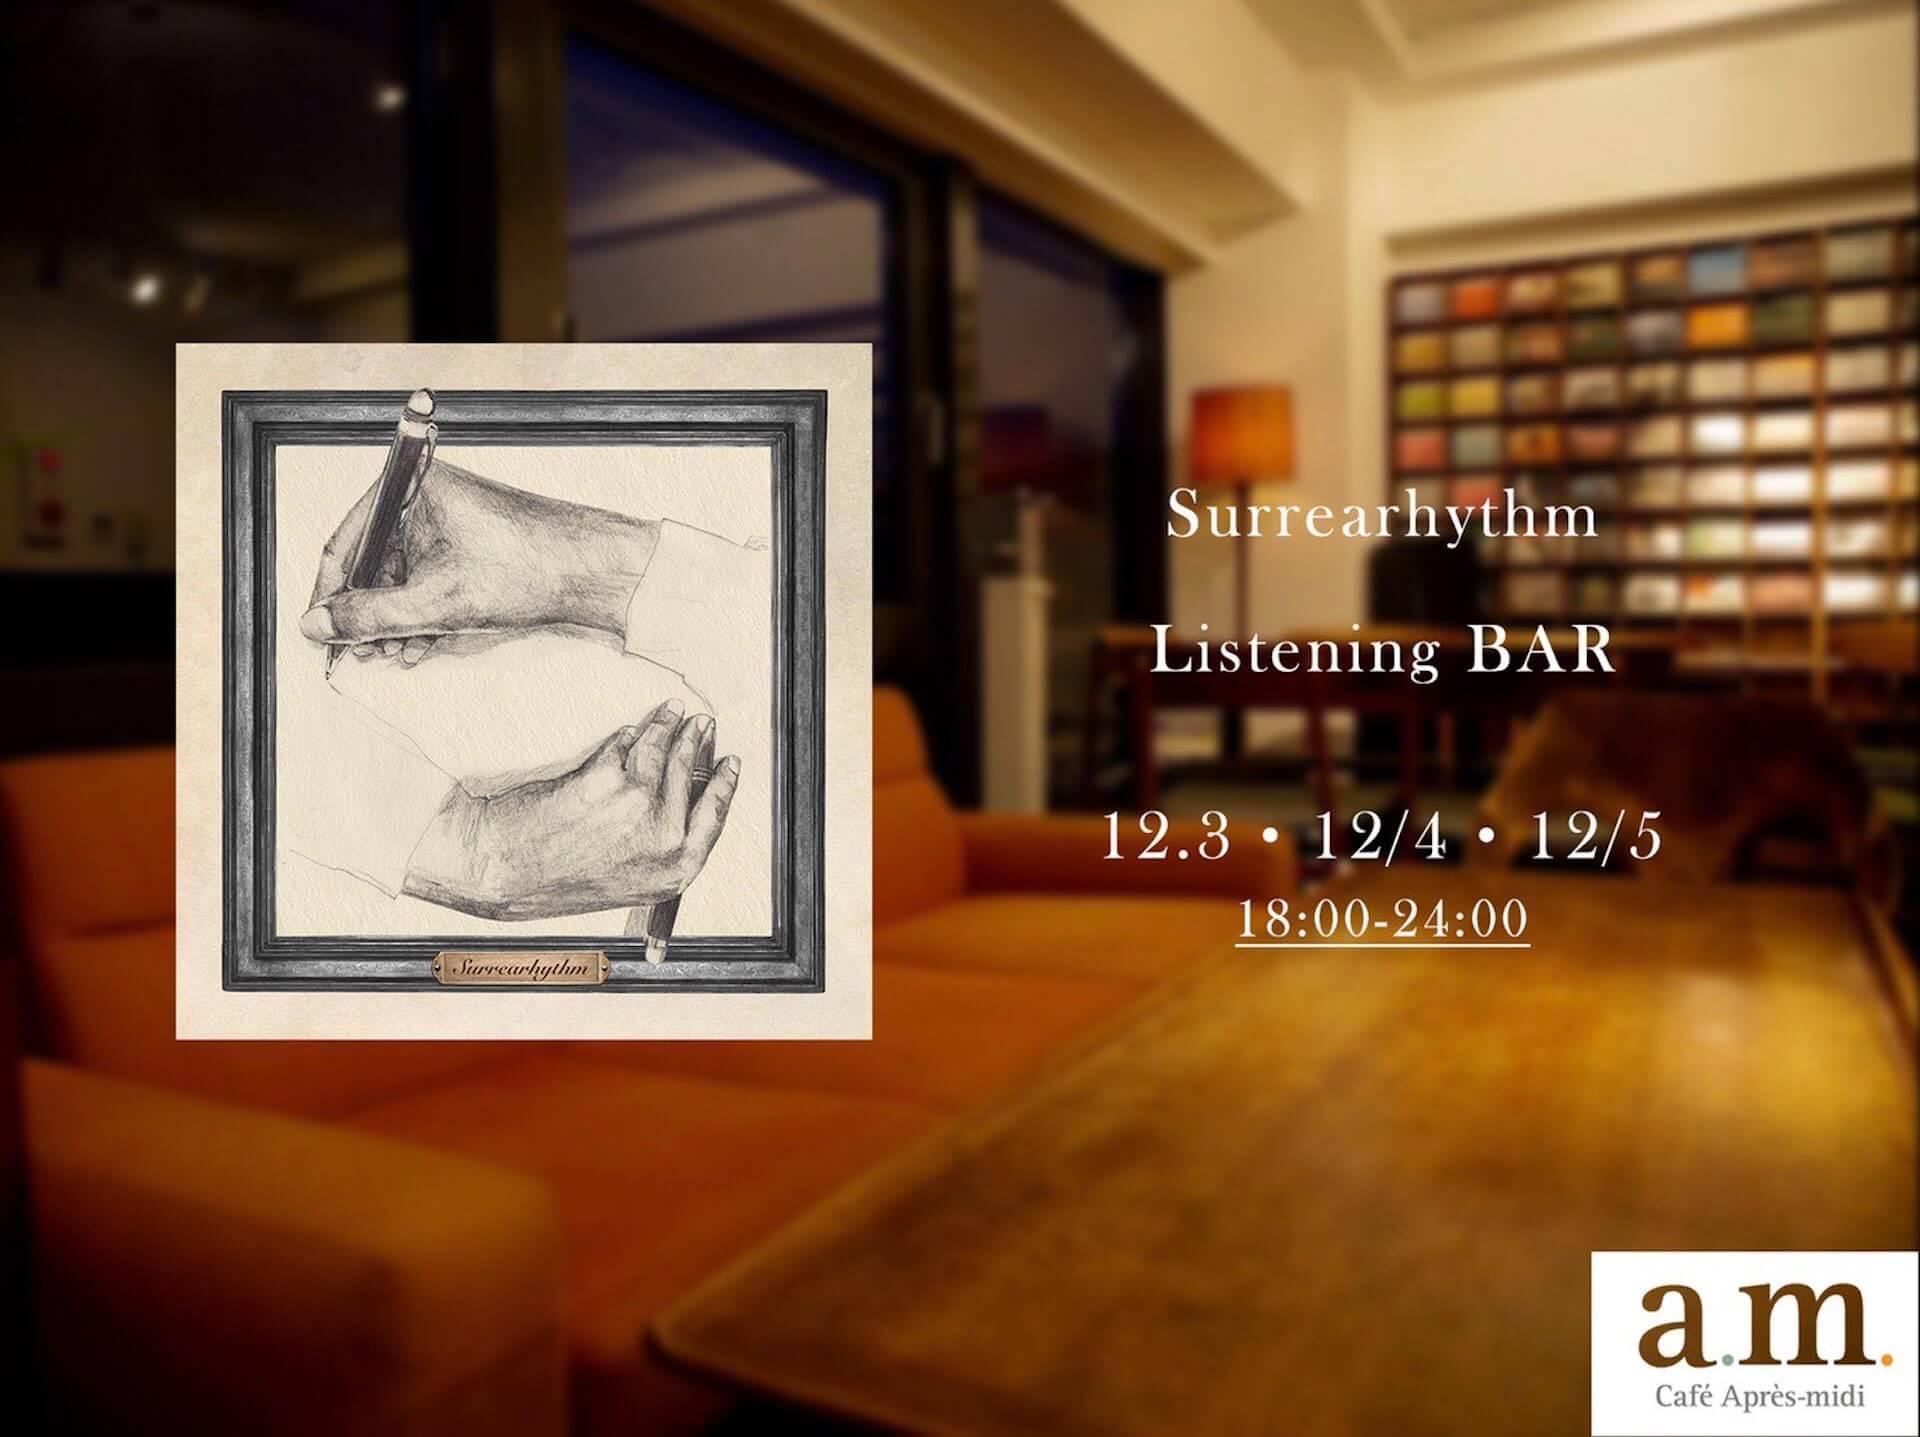 リベラルa.k.a岩間俊樹(SANABAGUN.)のセカンドアルバム『Surrearhythm』を一足先に聴けるListening BARが開催 music191203-liberal